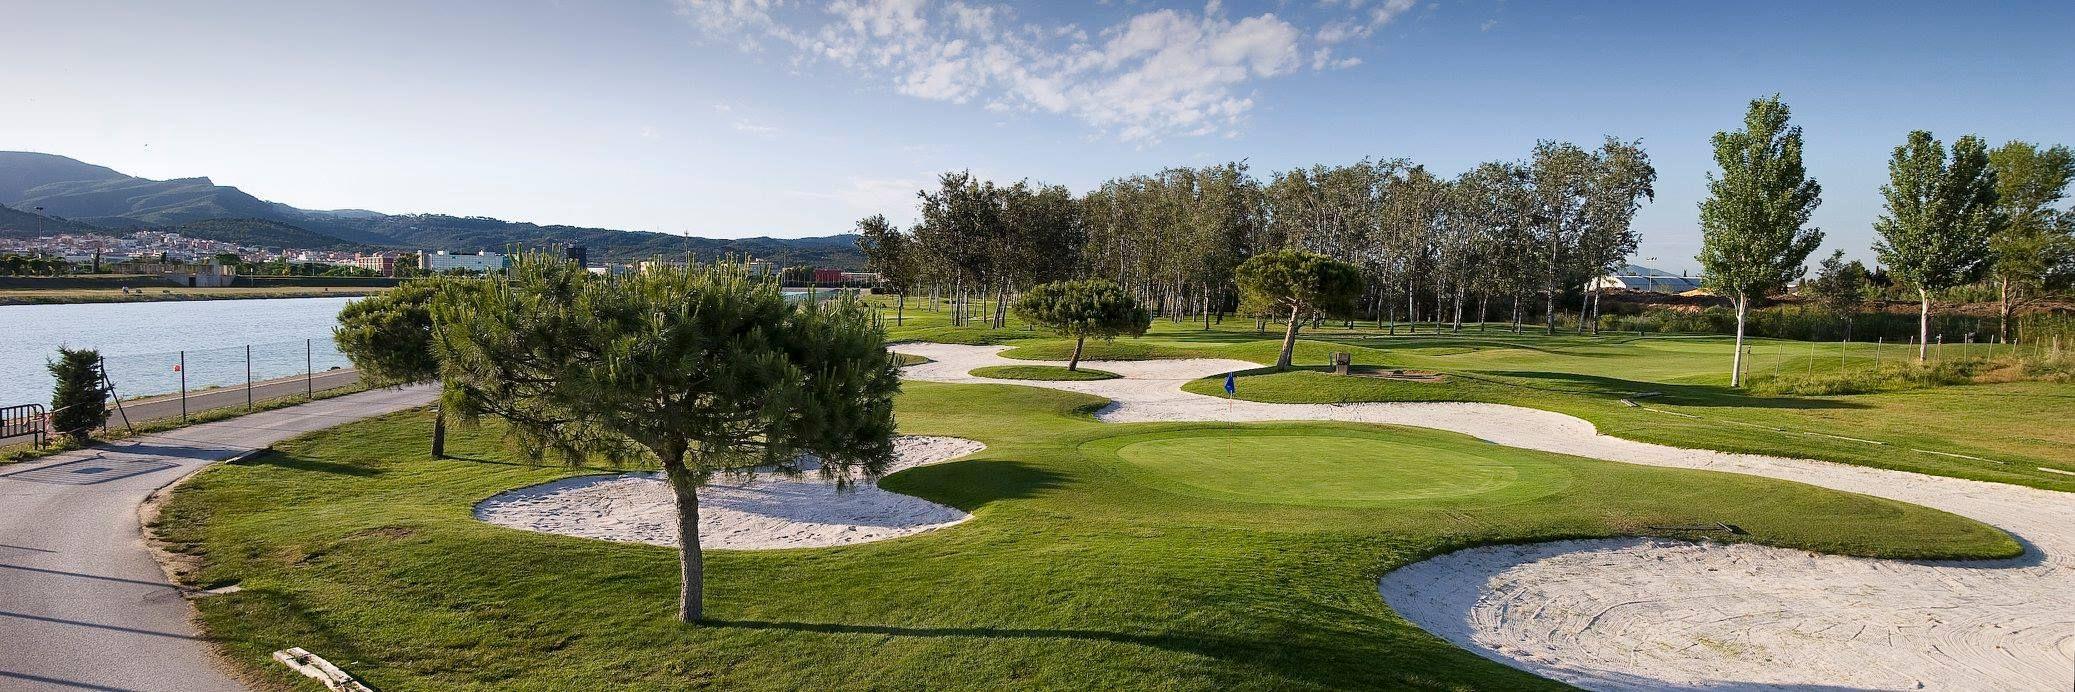 Campo de golf de 9 hoyos en Castelldefels, Barcelona